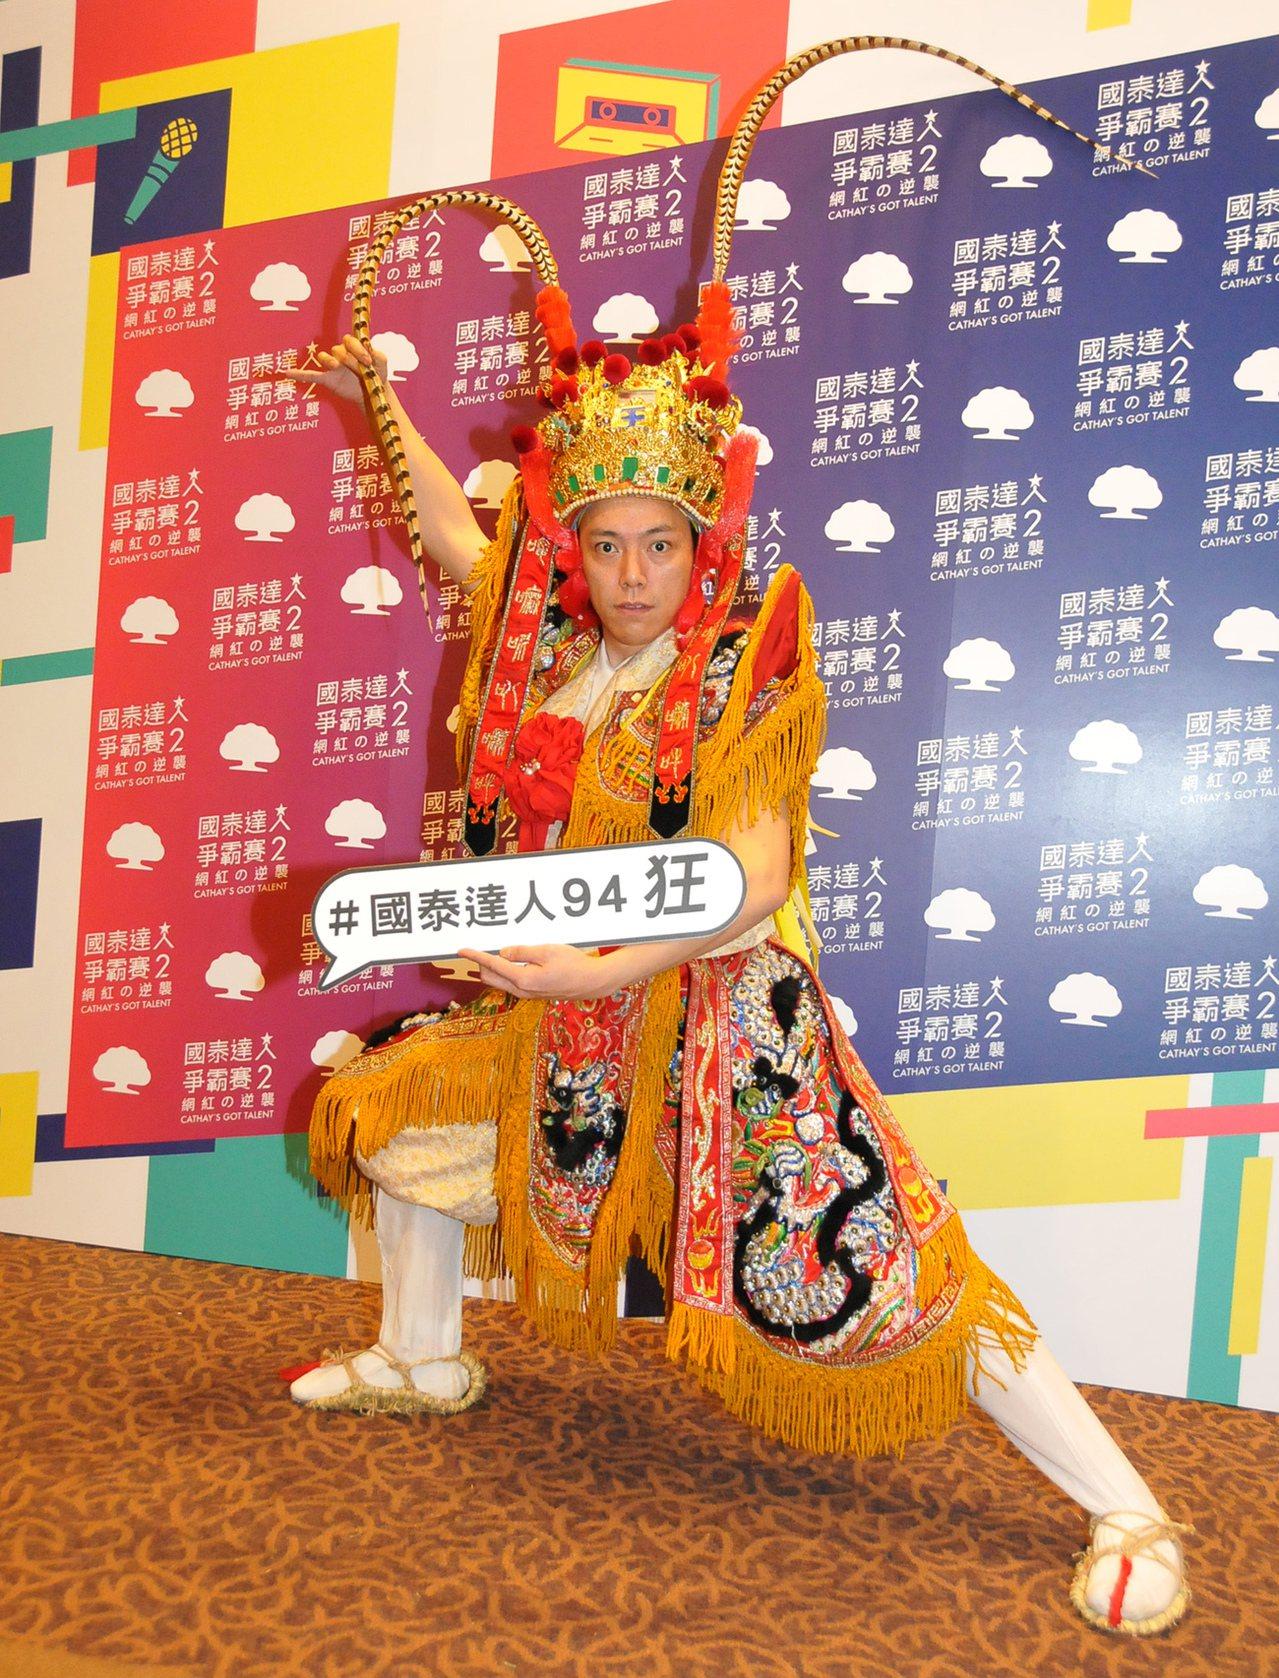 曾擔任台北世大運閉幕指定表演團體的藝陣達人楊昌憲,他在現場一段融合傳統藝陣、舞蹈...